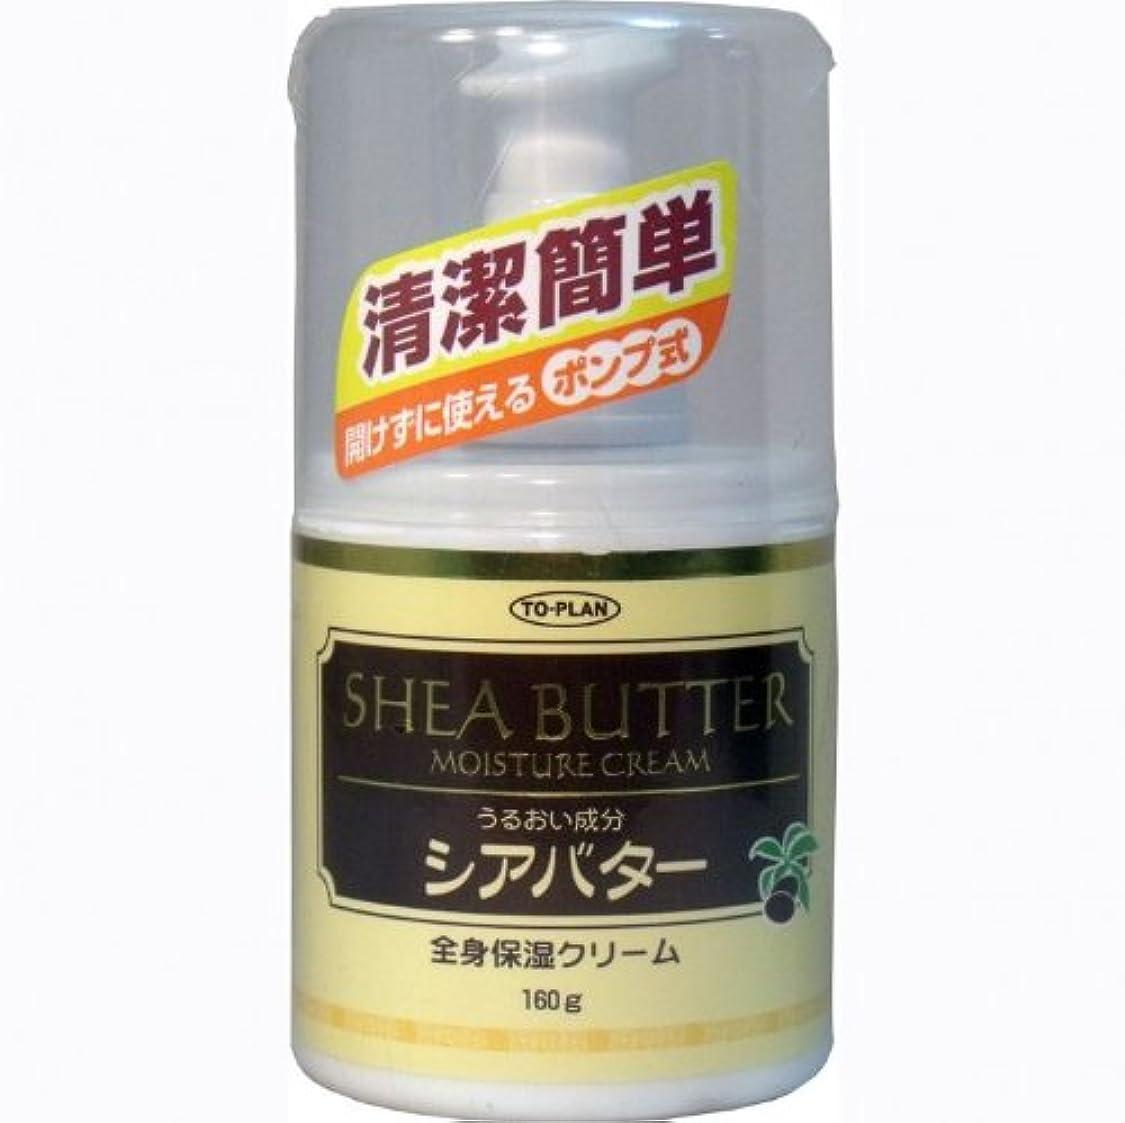 背が高い理容師批判的にトプラン 全身保湿クリーム シアバター ポンプ式 160g【3個セット】